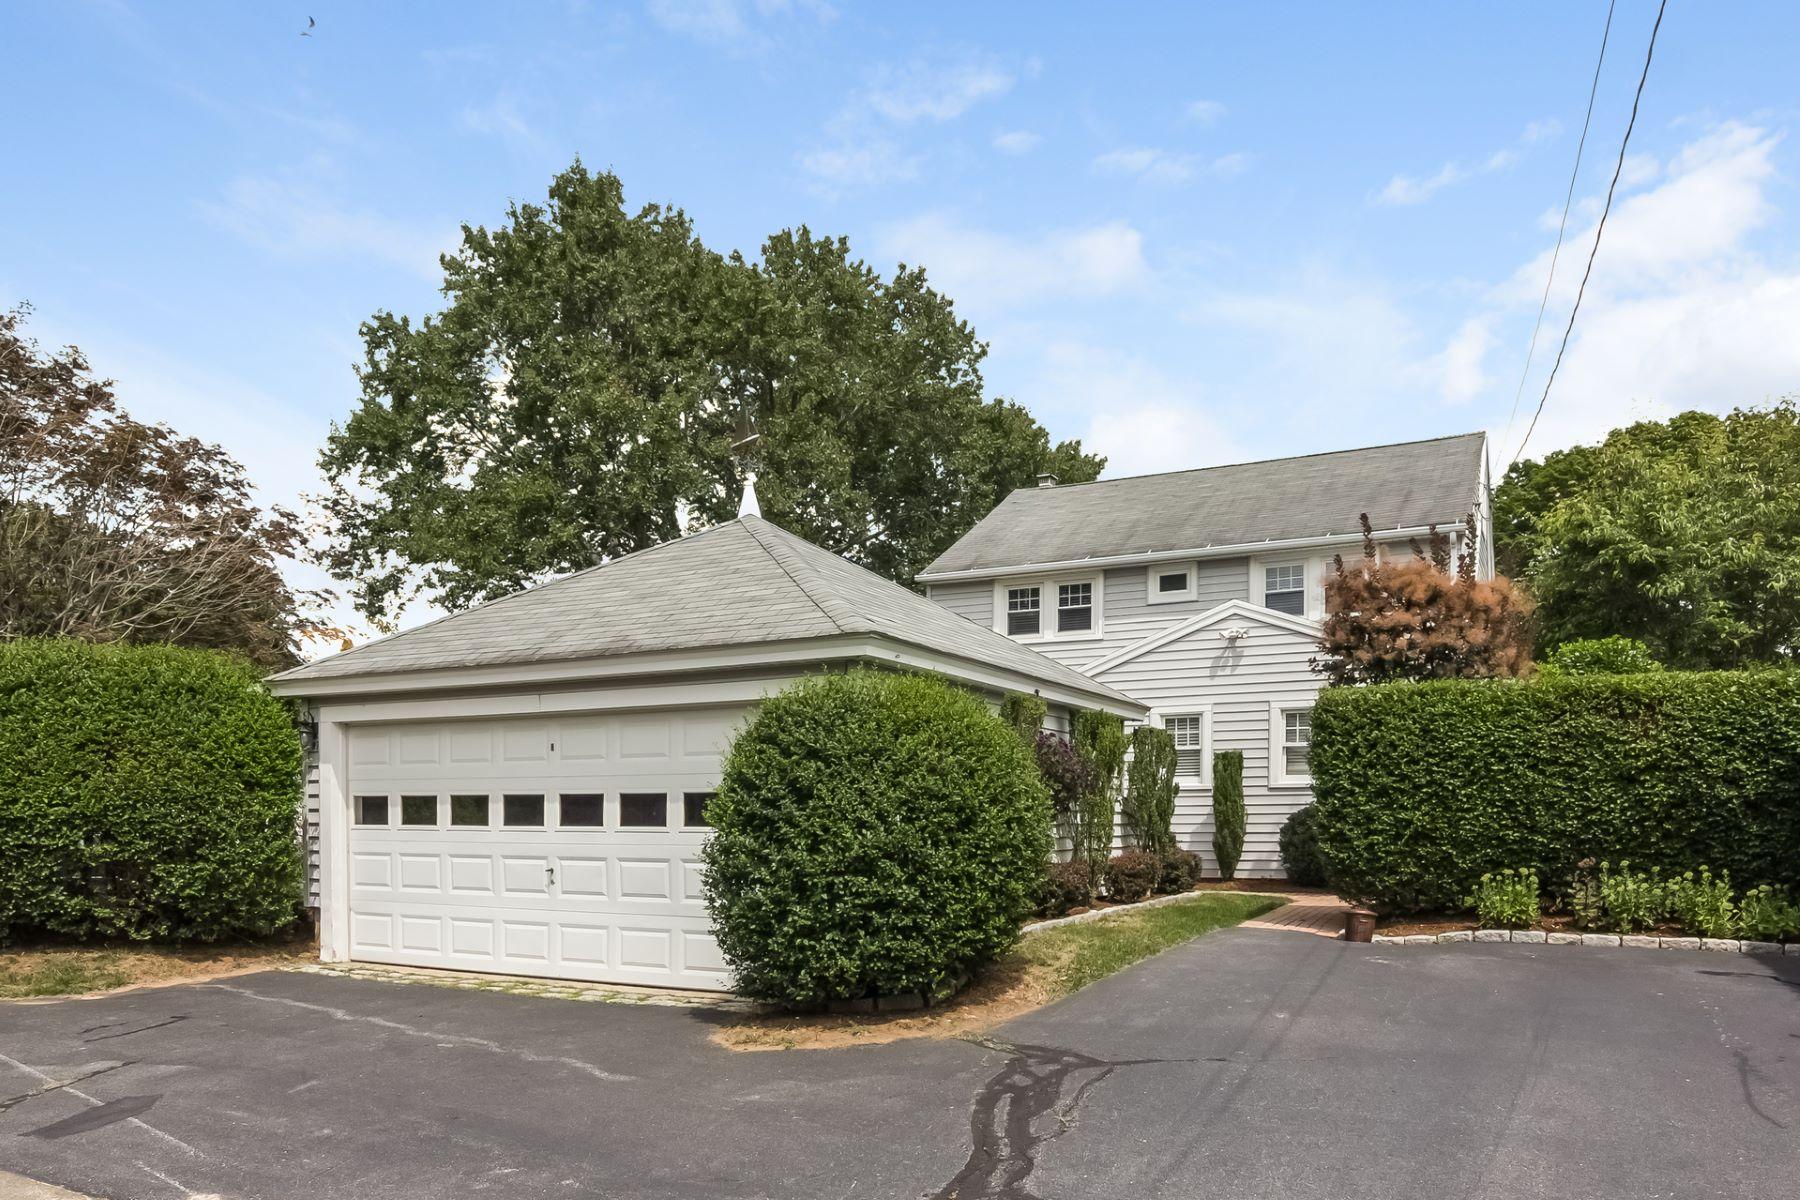 Частный односемейный дом для того Аренда на 97 West Overshores Madison, Коннектикут, 06443 Соединенные Штаты